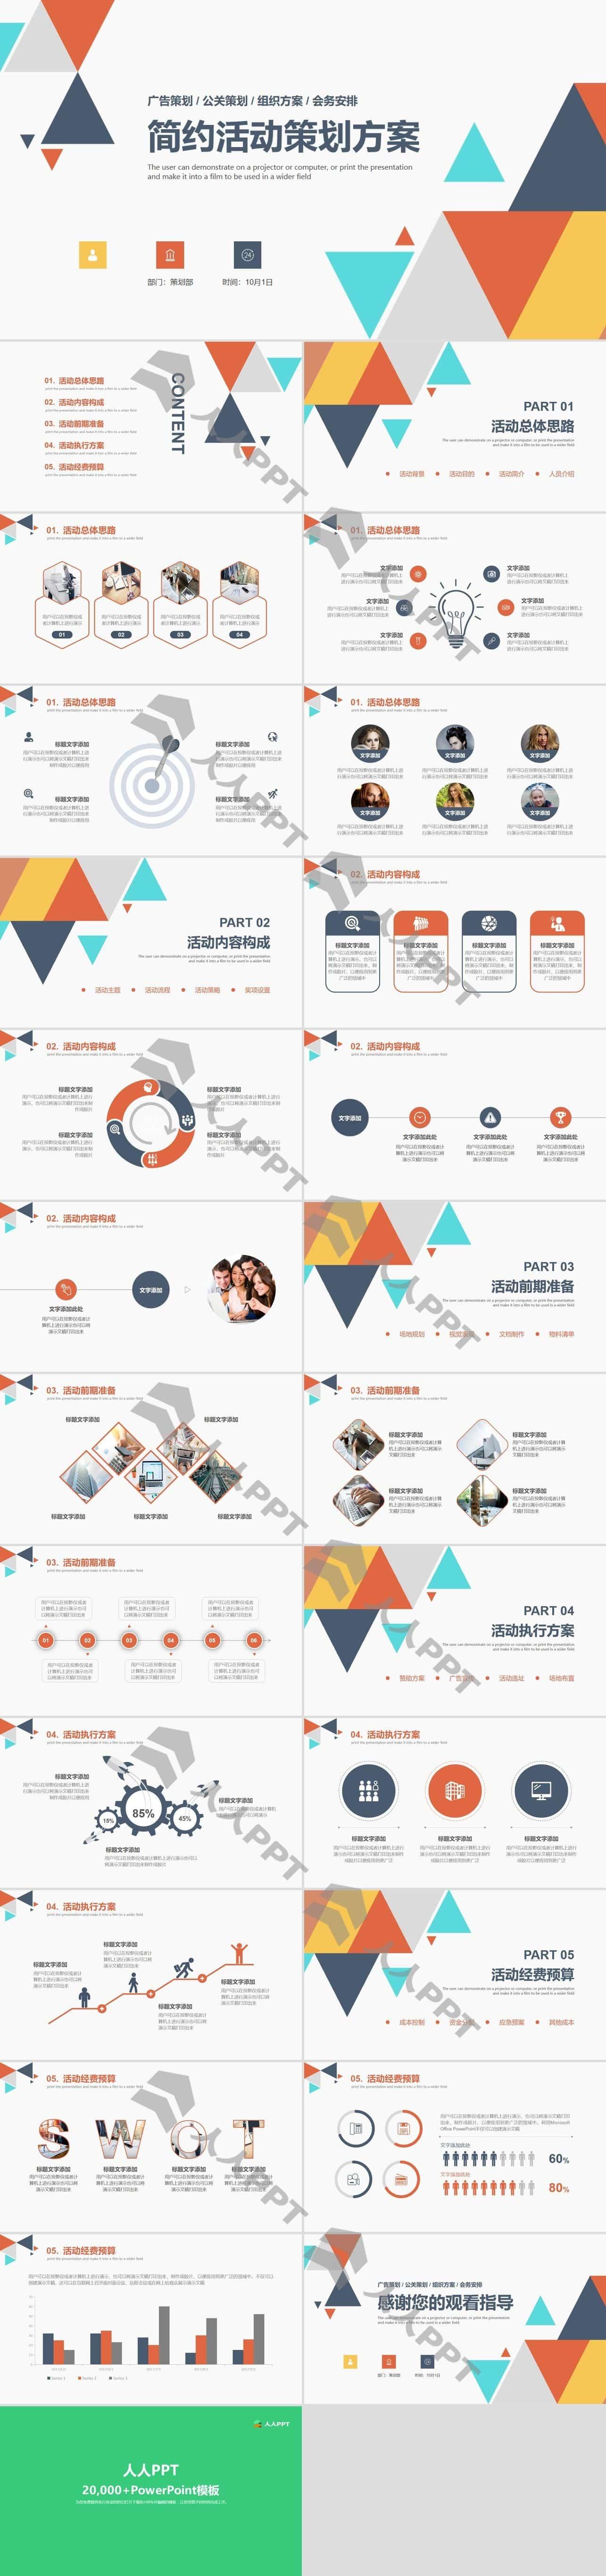 多彩三角活动策划方案PPT模板长图